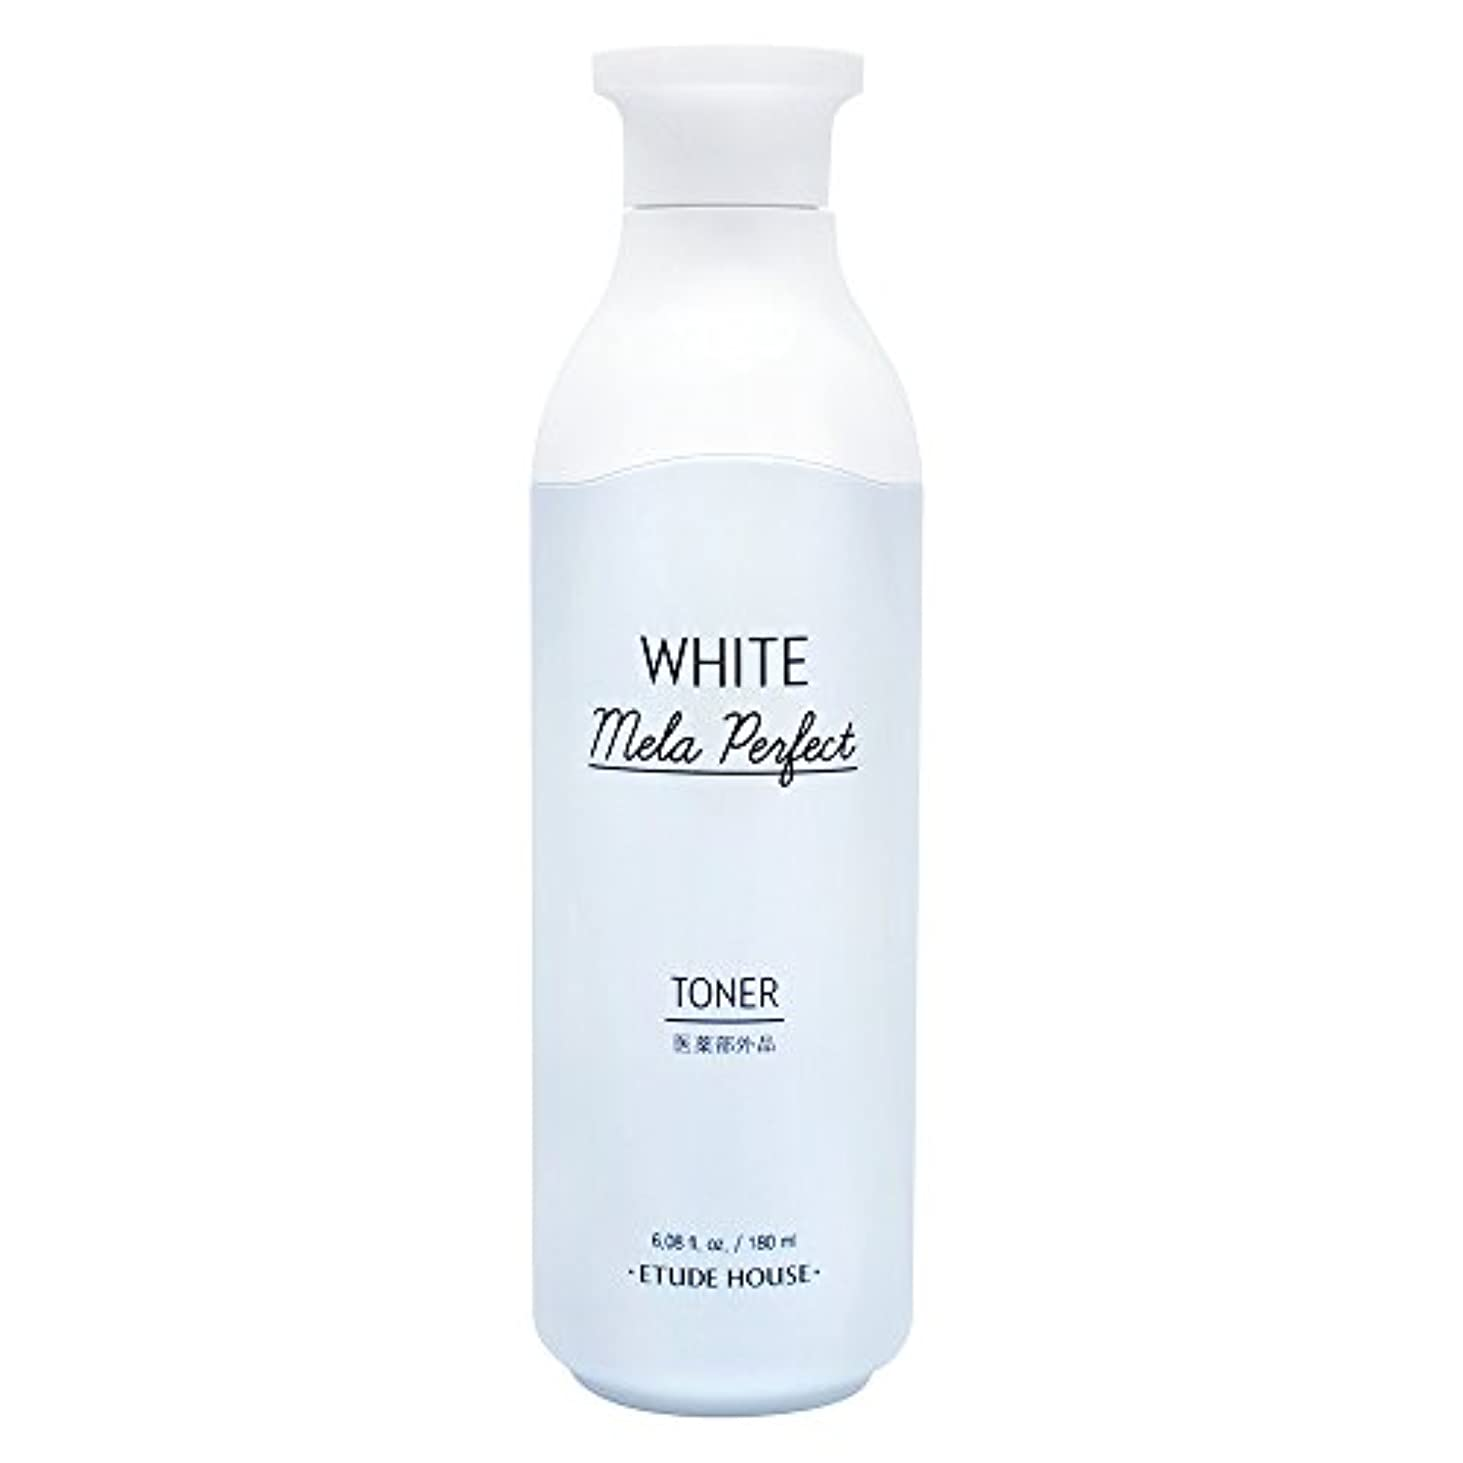 鎮静剤手のひら百エチュードハウス(ETUDE HOUSE) ホワイトメラパーフェクト トナー[化粧水、美白化粧水]